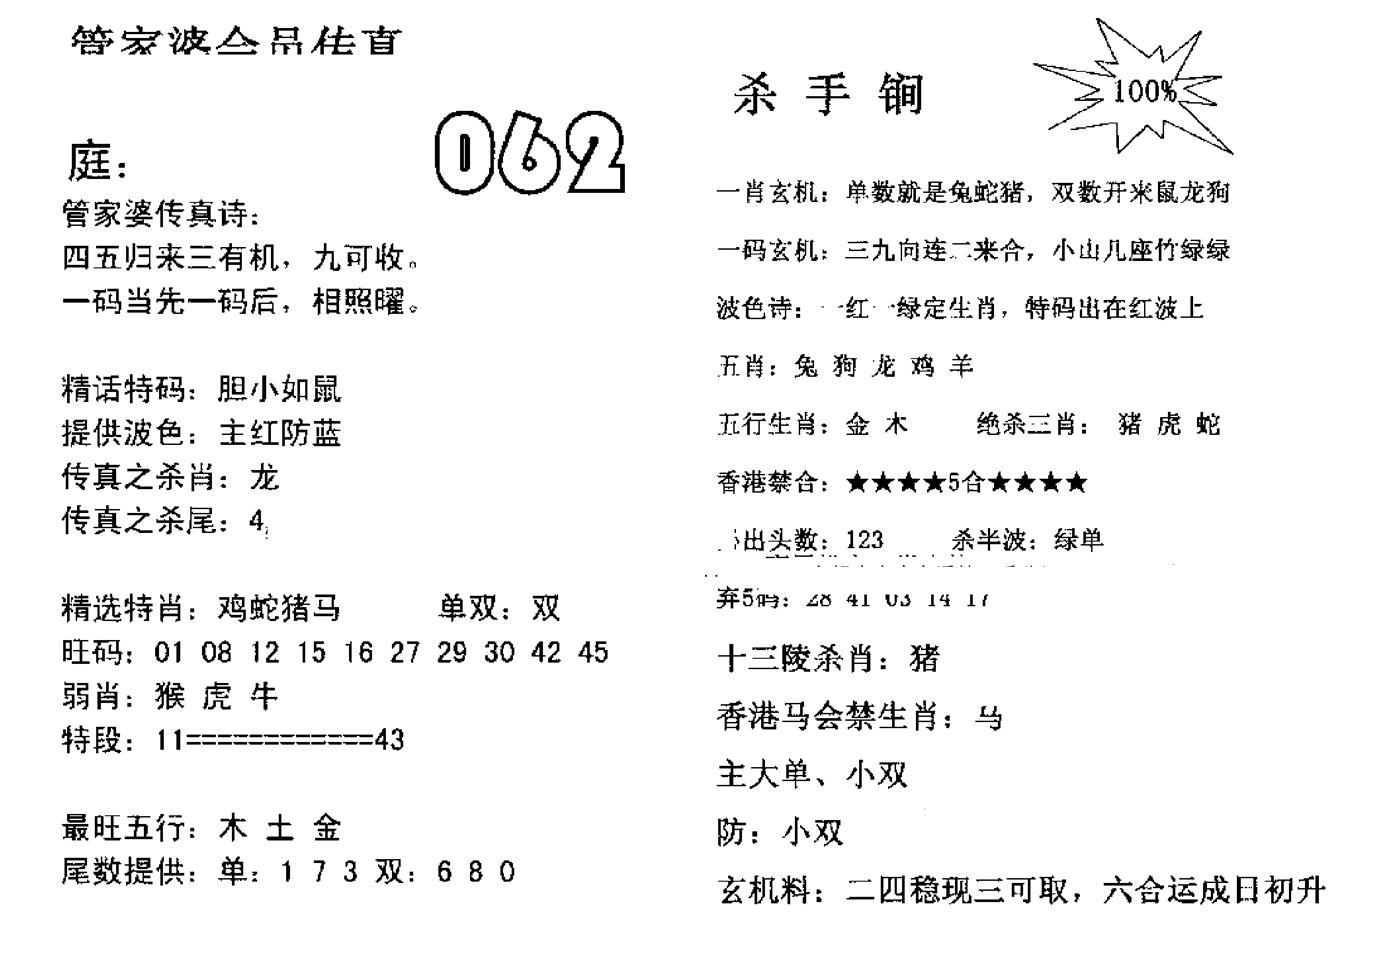 062期管家婆会员传真(黑白)